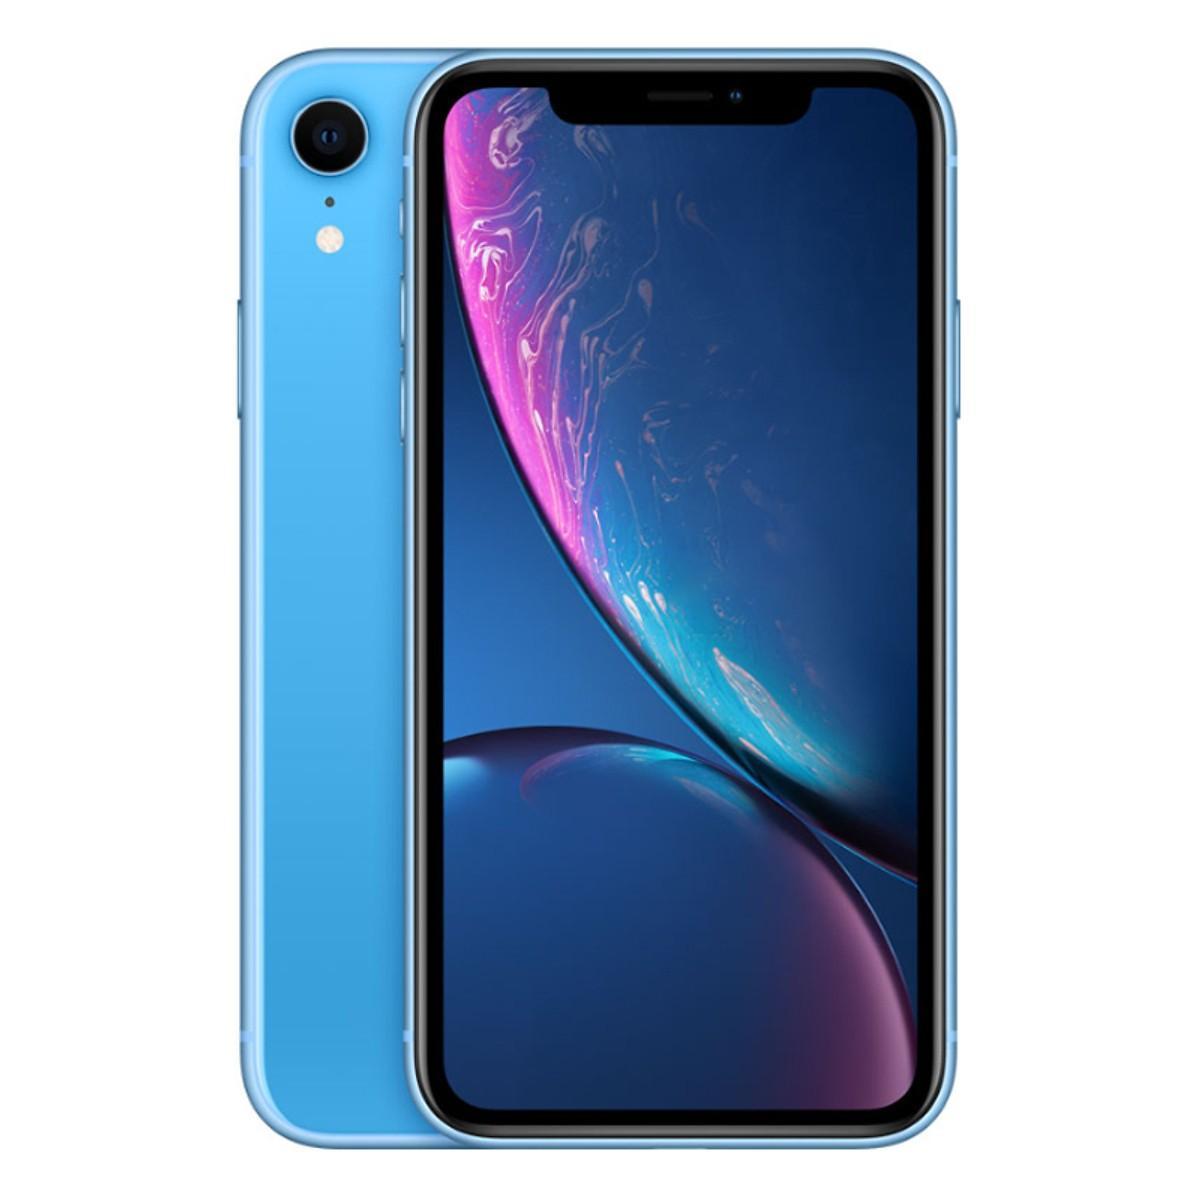 Điện Thoại Iphone XR 64GB - Hàng Nhập Khẩu (Màu Xanh)